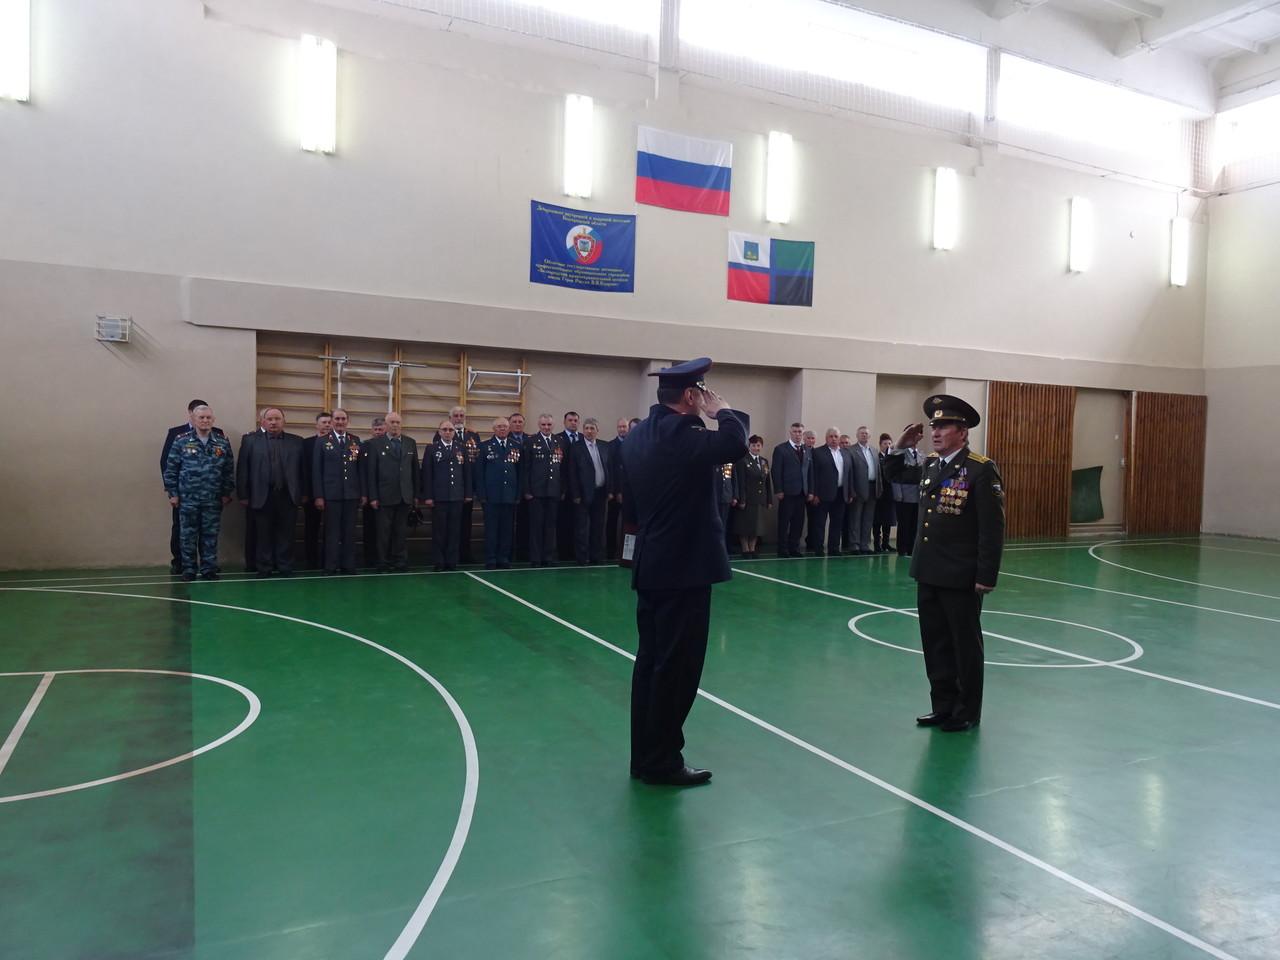 Праздничное мероприятие, посвященное Дню ветеранов органов внутренних дел Российской Федерации